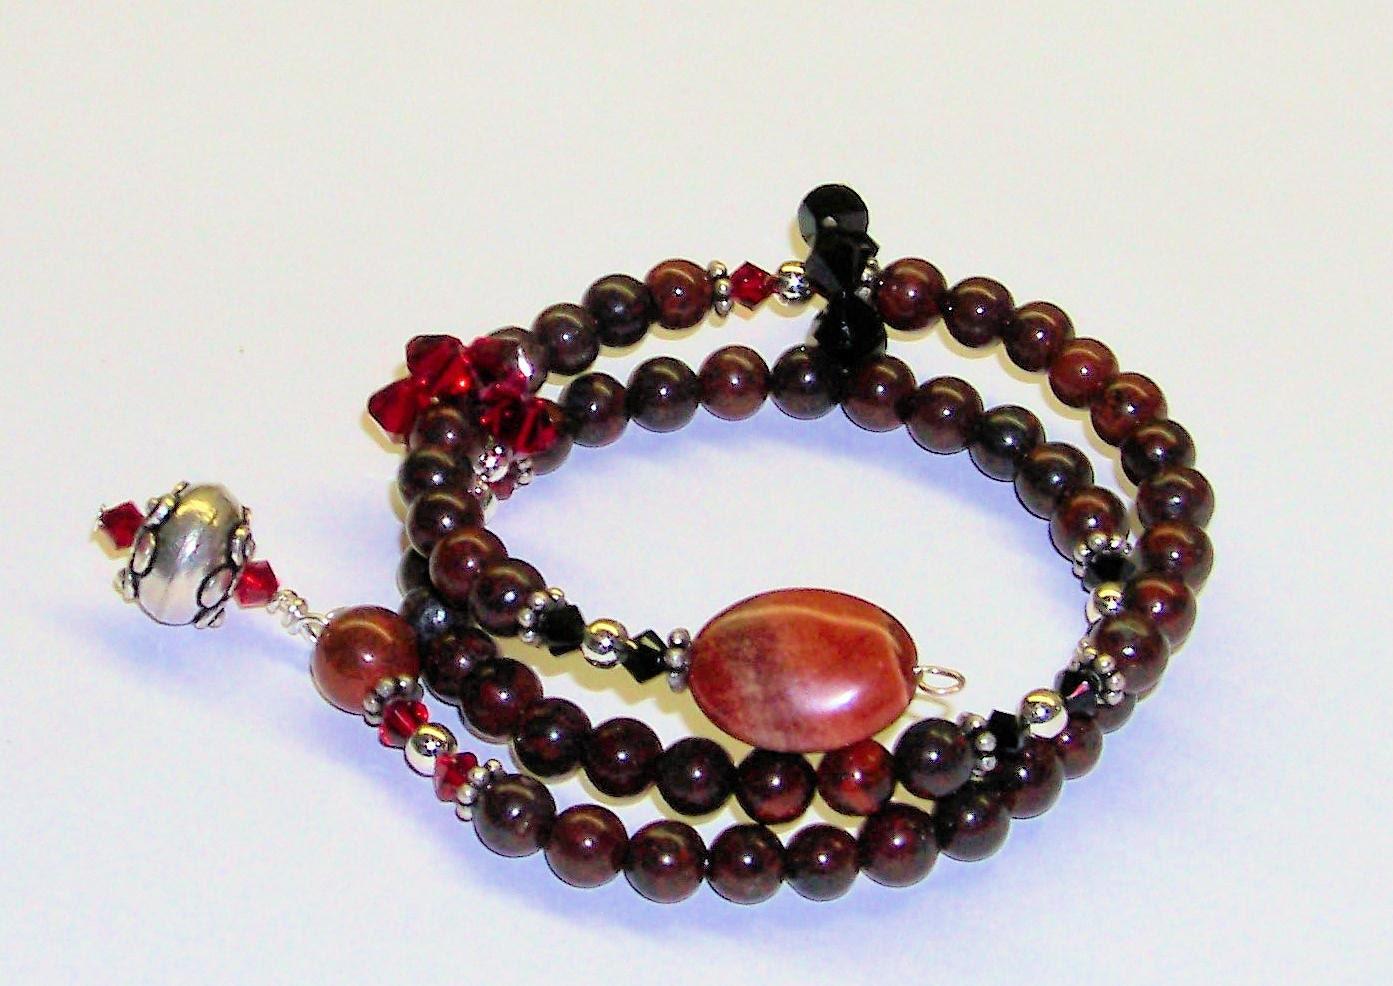 Knitting Row Counter Bracelet : Row counter bracelet for knitting or crochet brecciated jasper